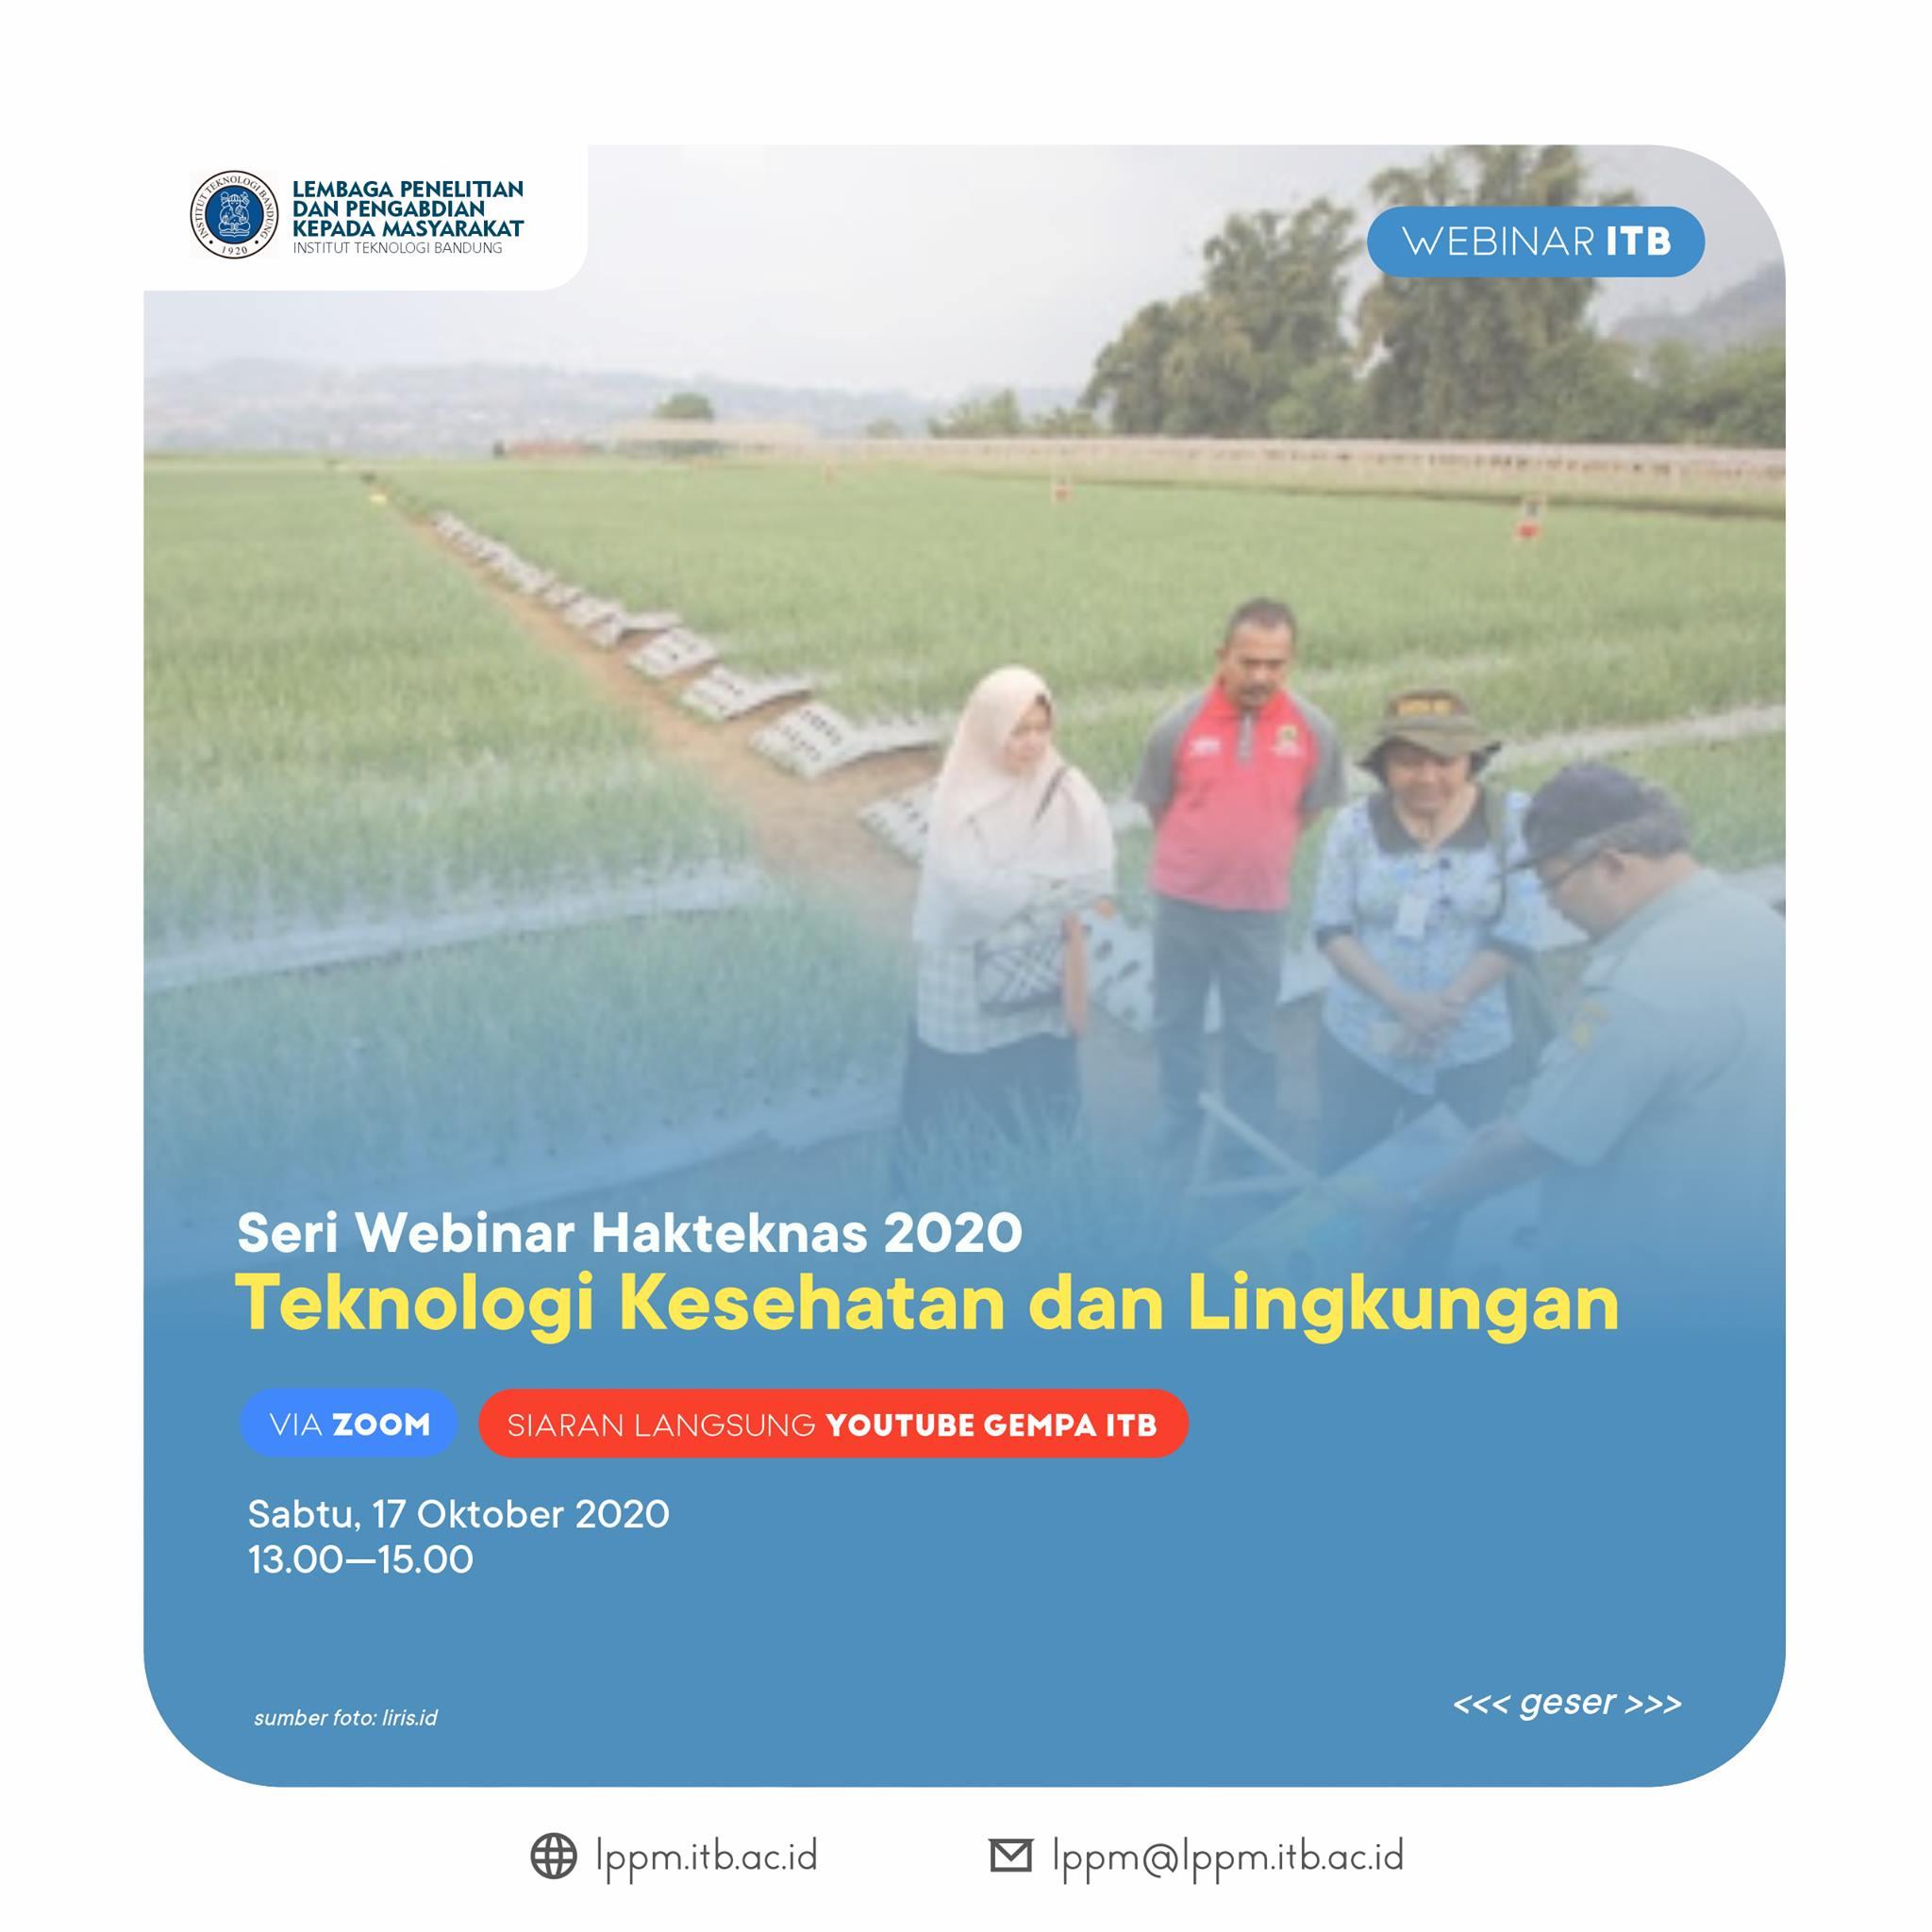 [WEBINAR] Hakteknas 2020 : Teknologi Kesehatan dan Lingkungan